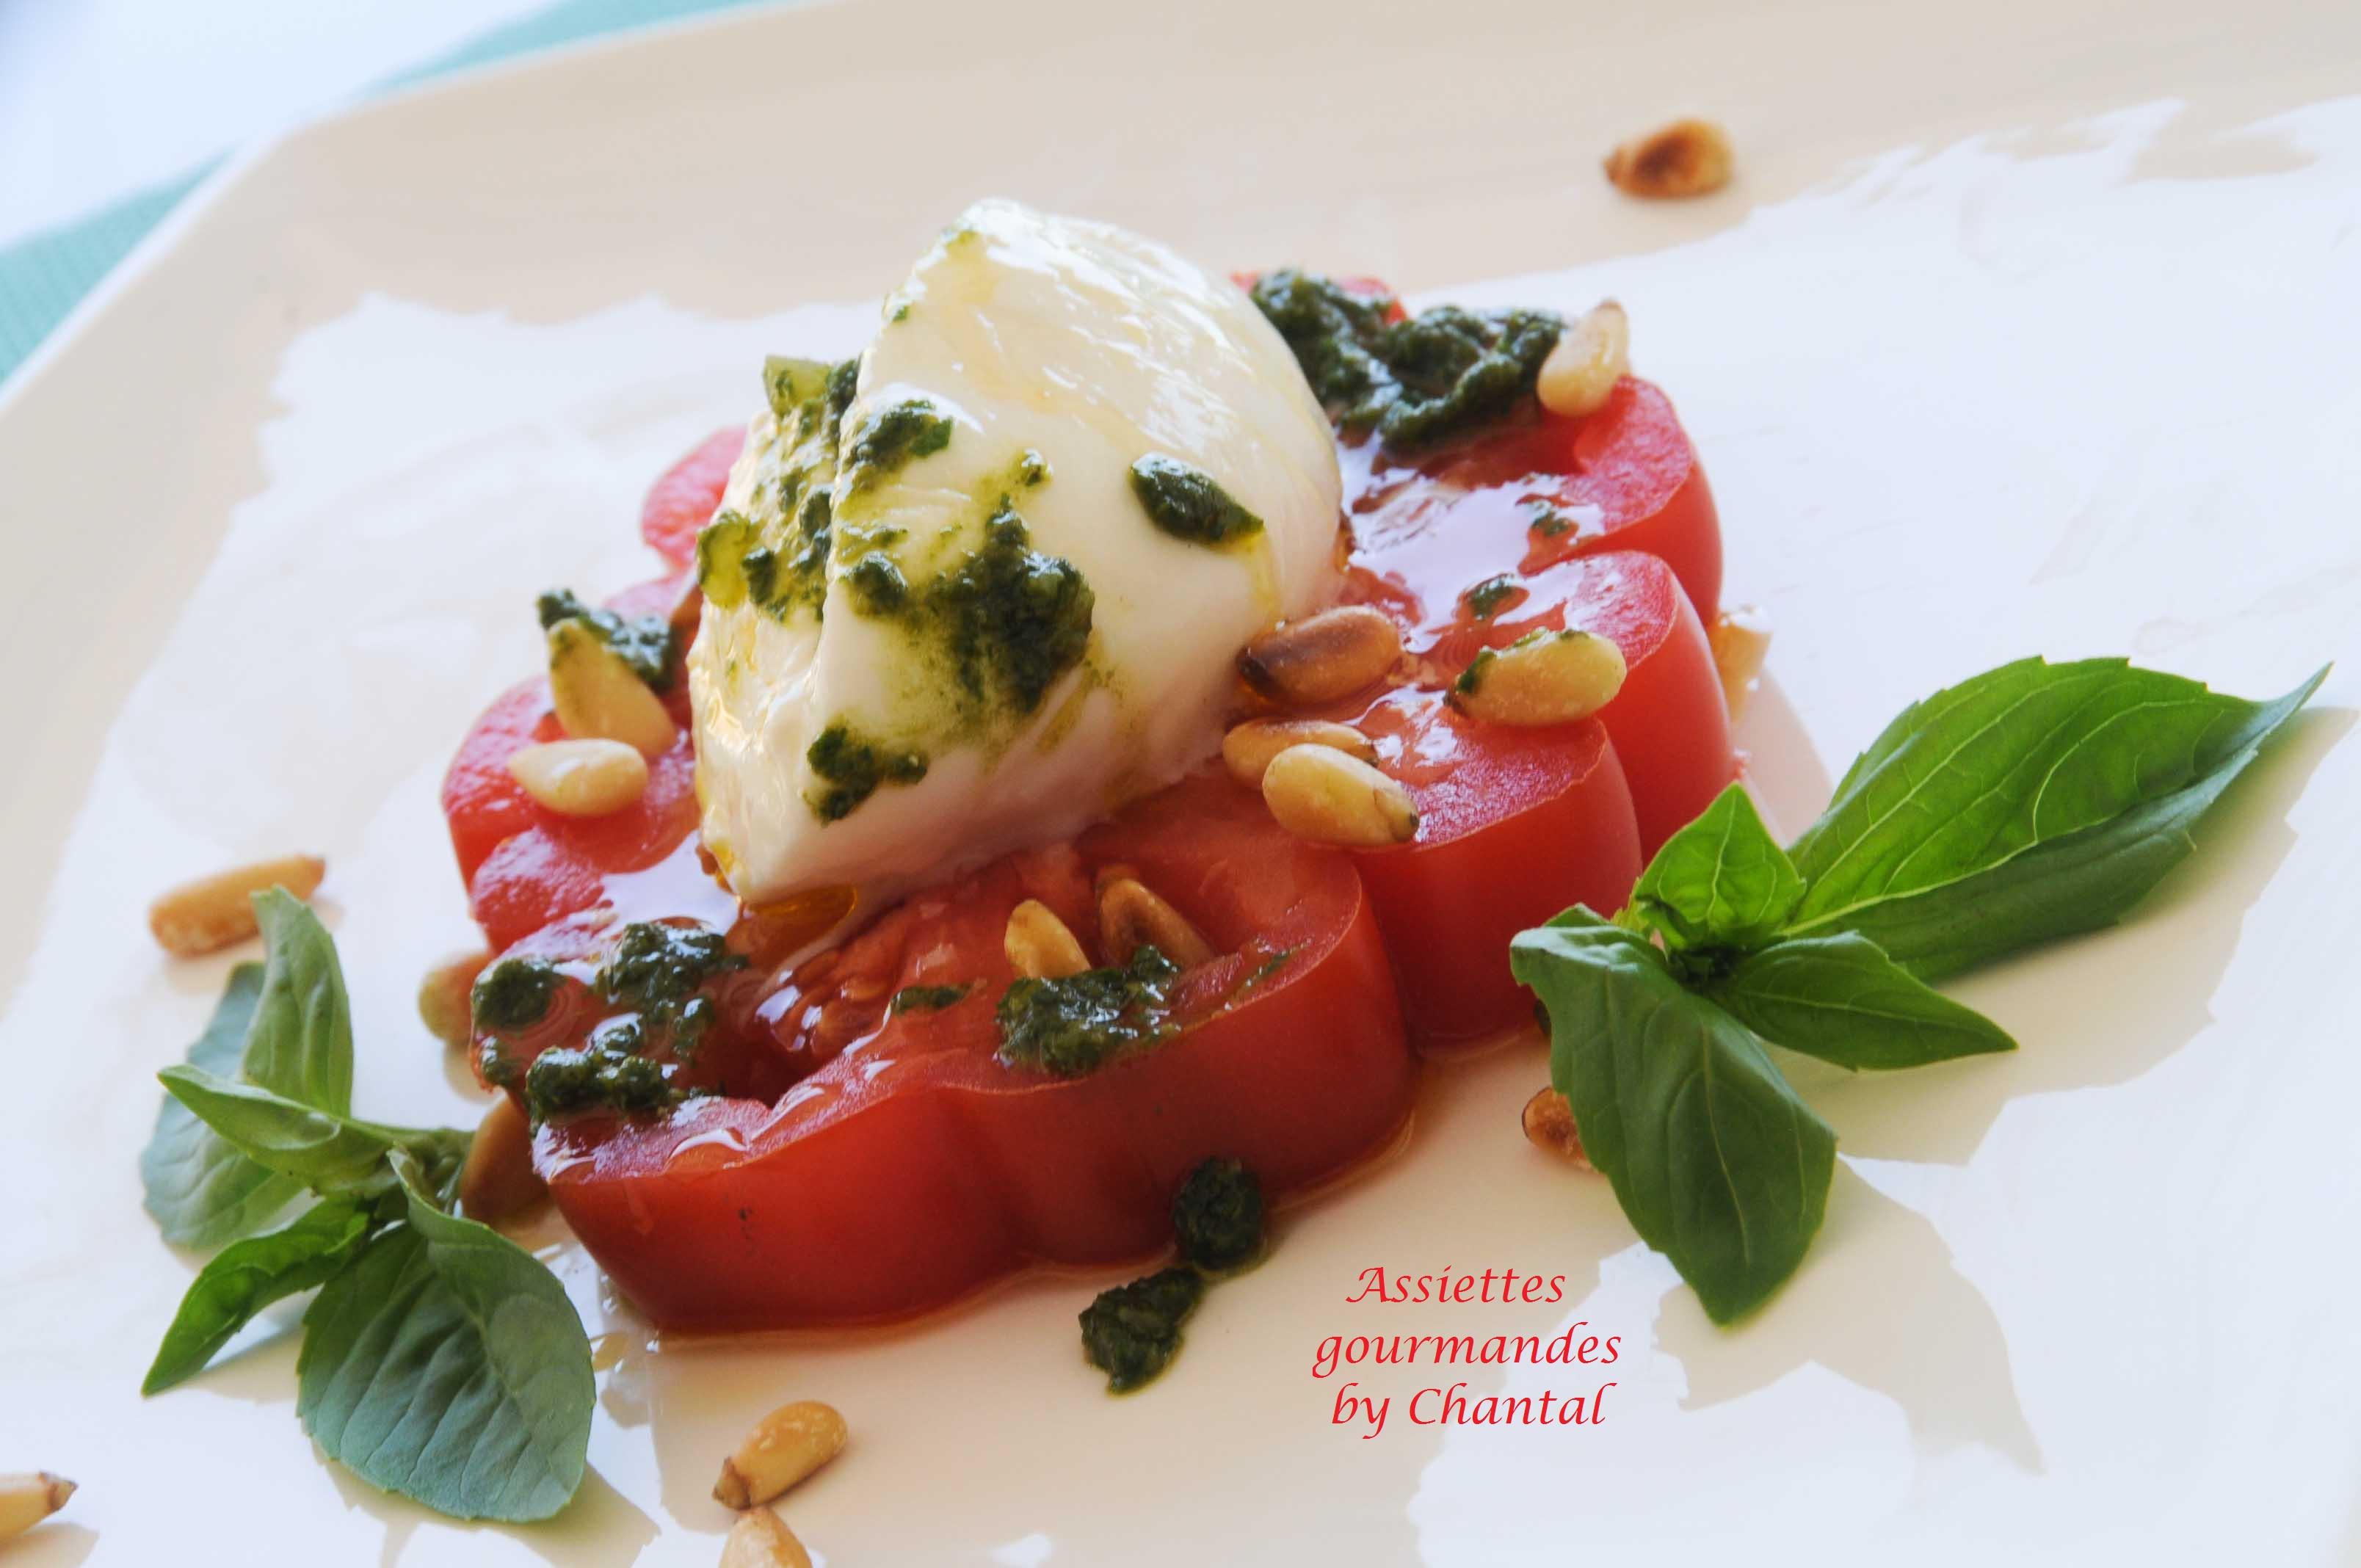 Burrata et tomate en salade - Recette cuisine italienne gastronomique ...